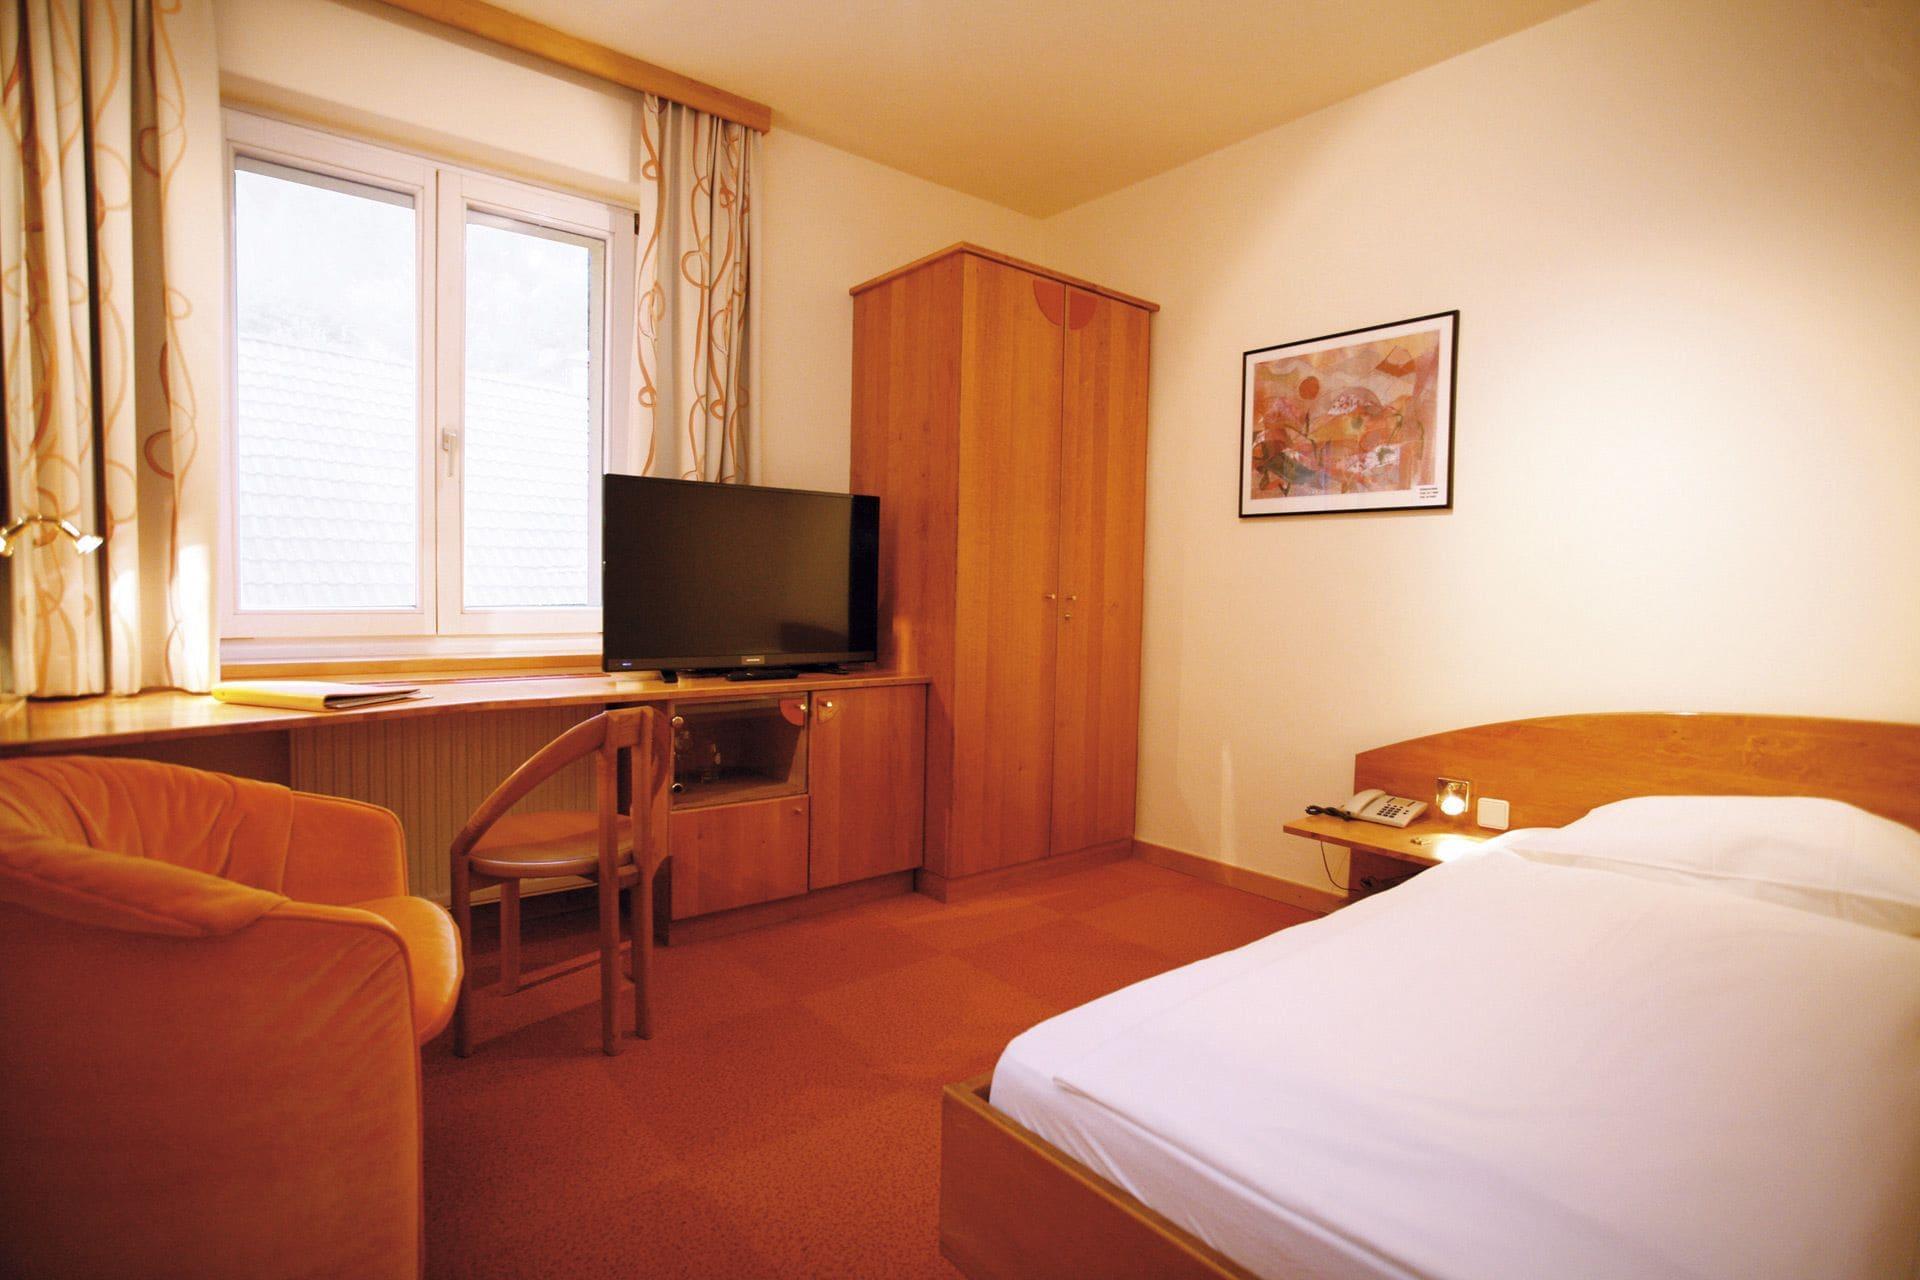 Hotel-Restaurant Marko, Villach Land